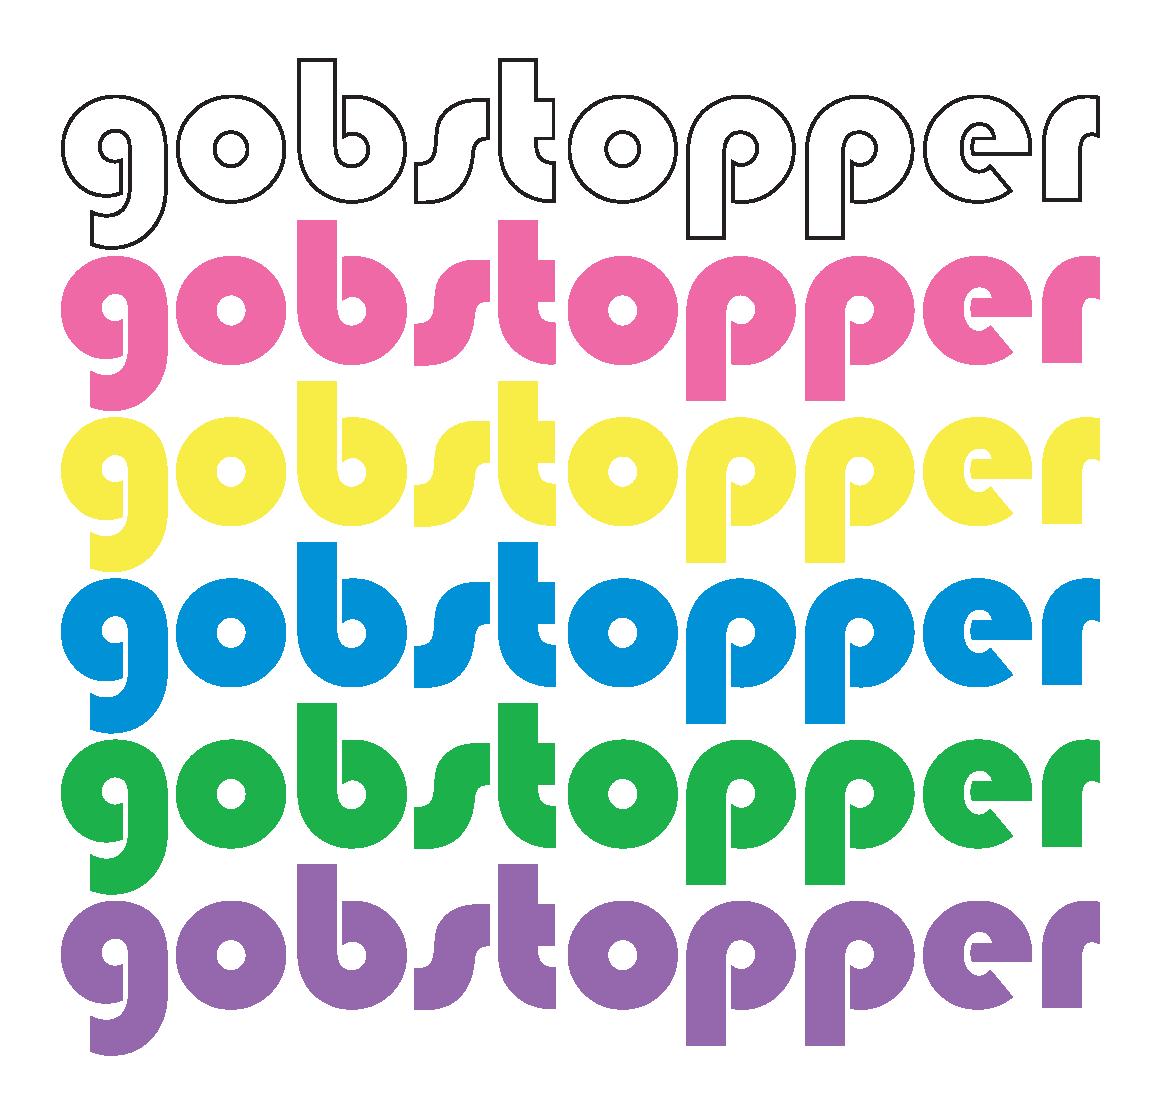 Gobstopper Television